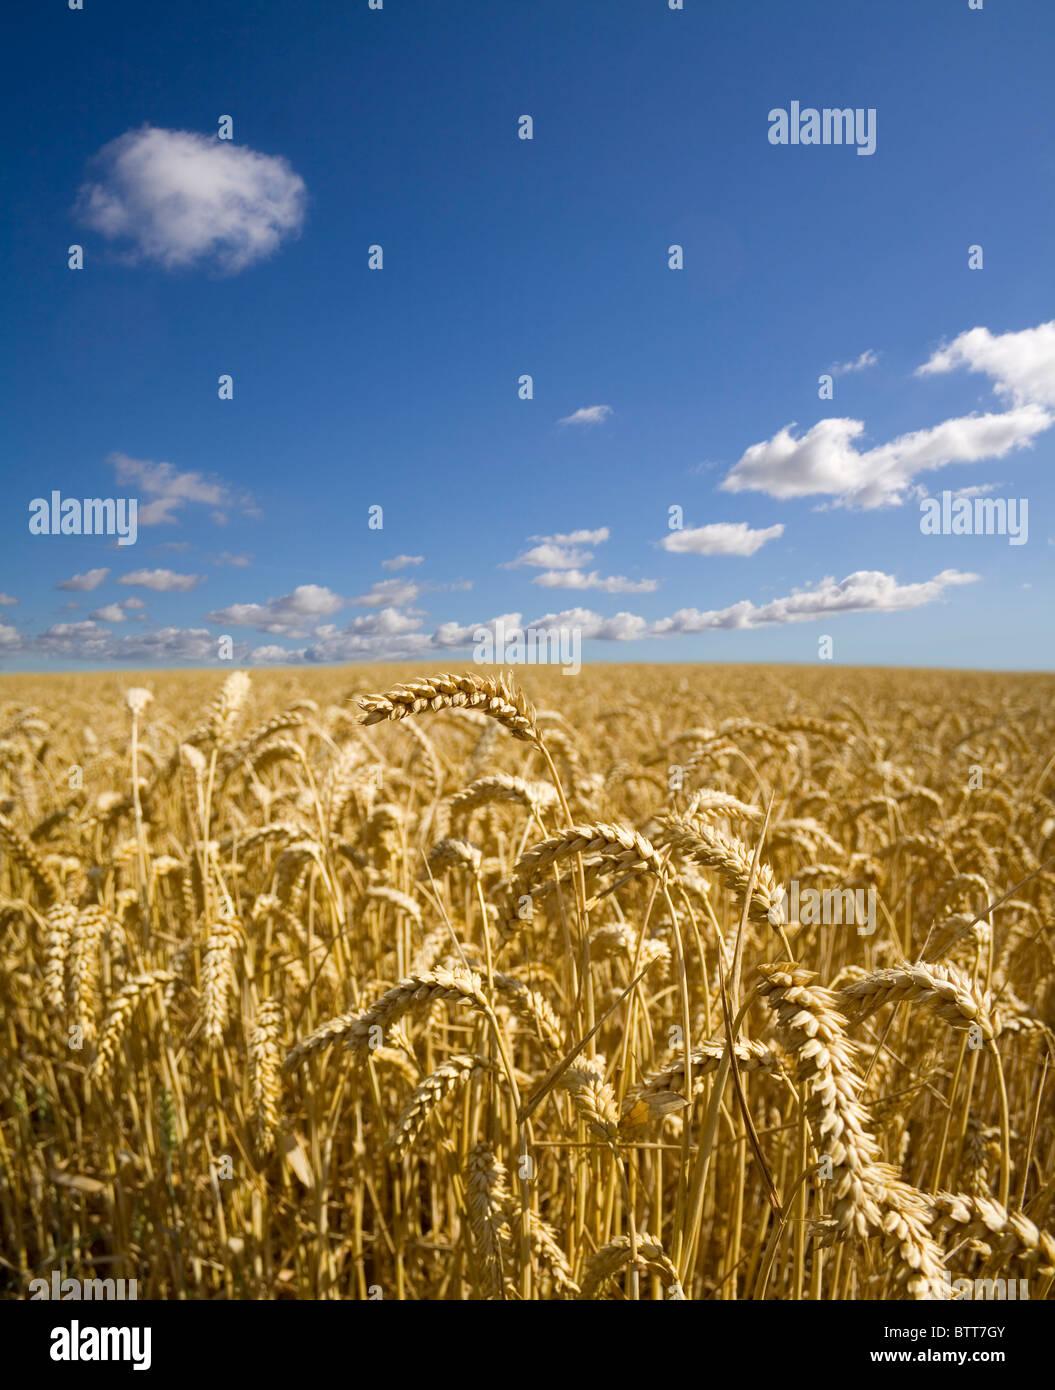 Un champ de blé d'été maturation sous un ciel bleu clair. Photo Stock